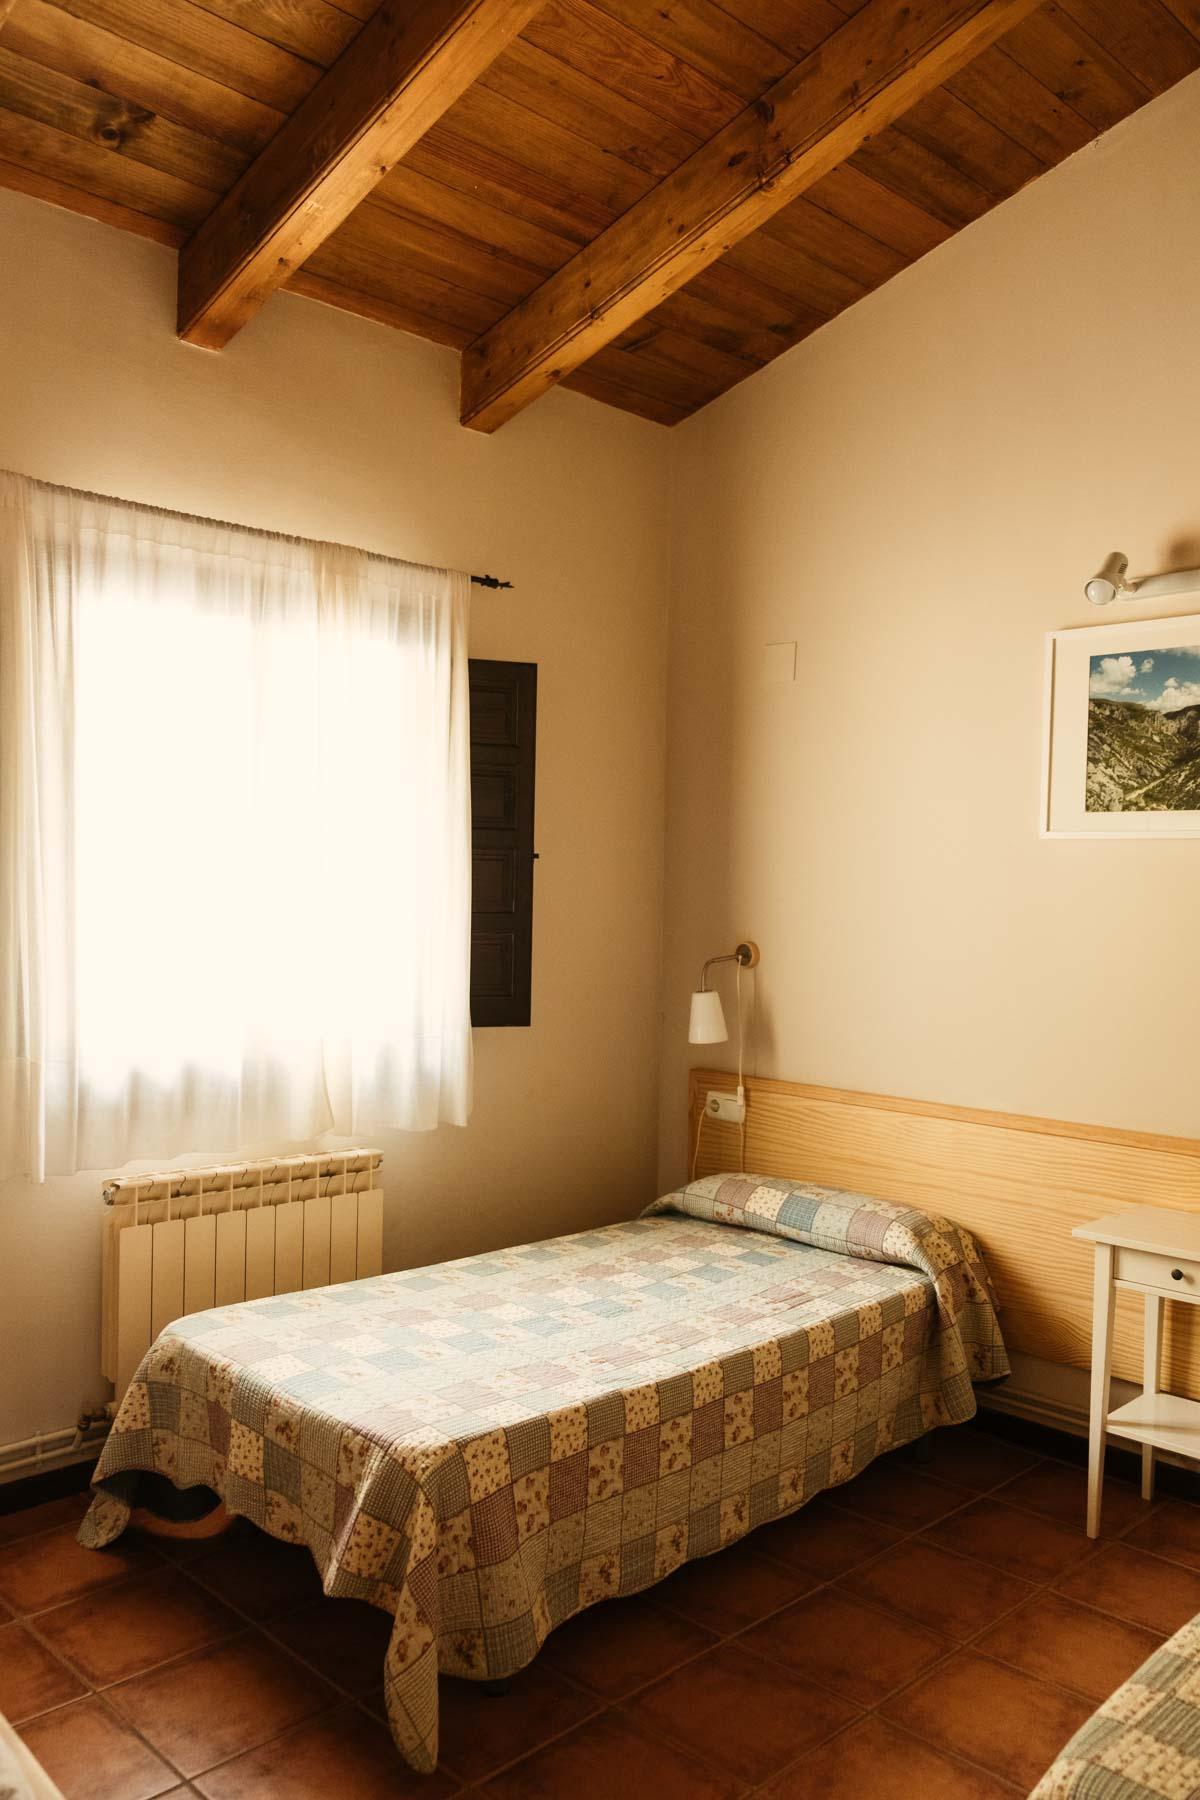 Habitación doble cpm camas separadas